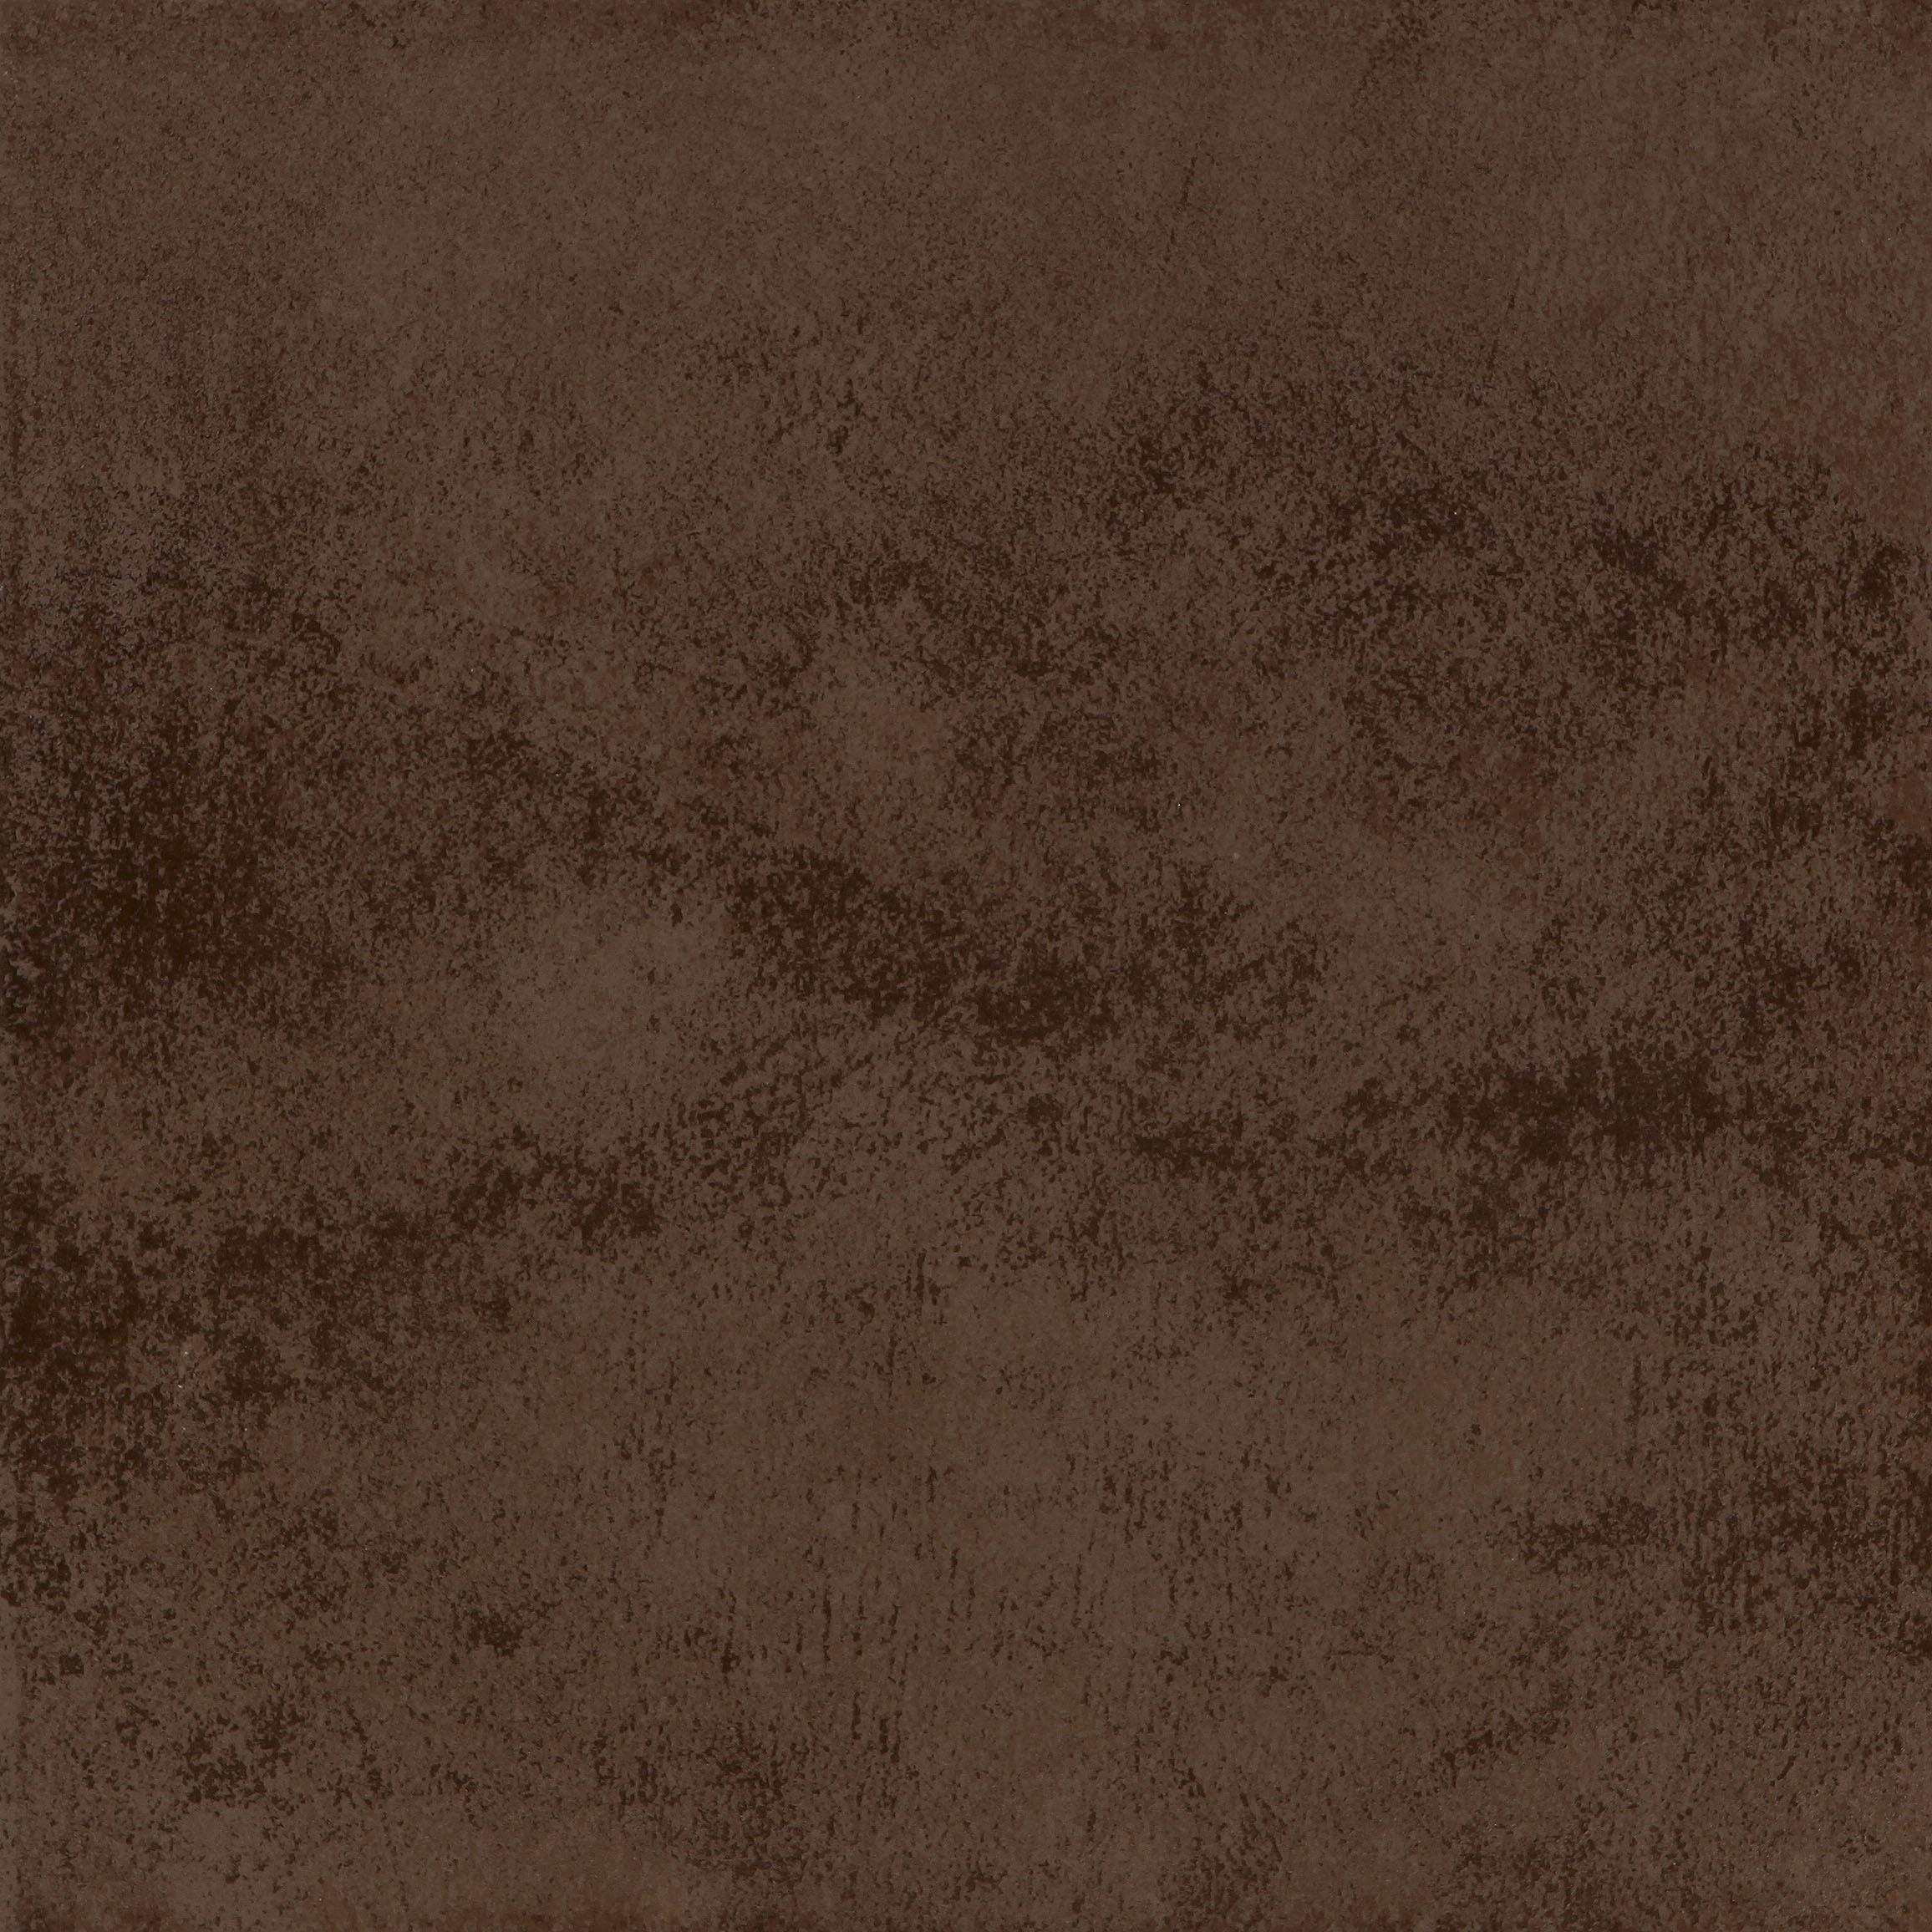 Fliesen Kemmler Wand Und Bodenfliese Sambuci In Der Farbe Braun - Terracotta fliesen 33x33